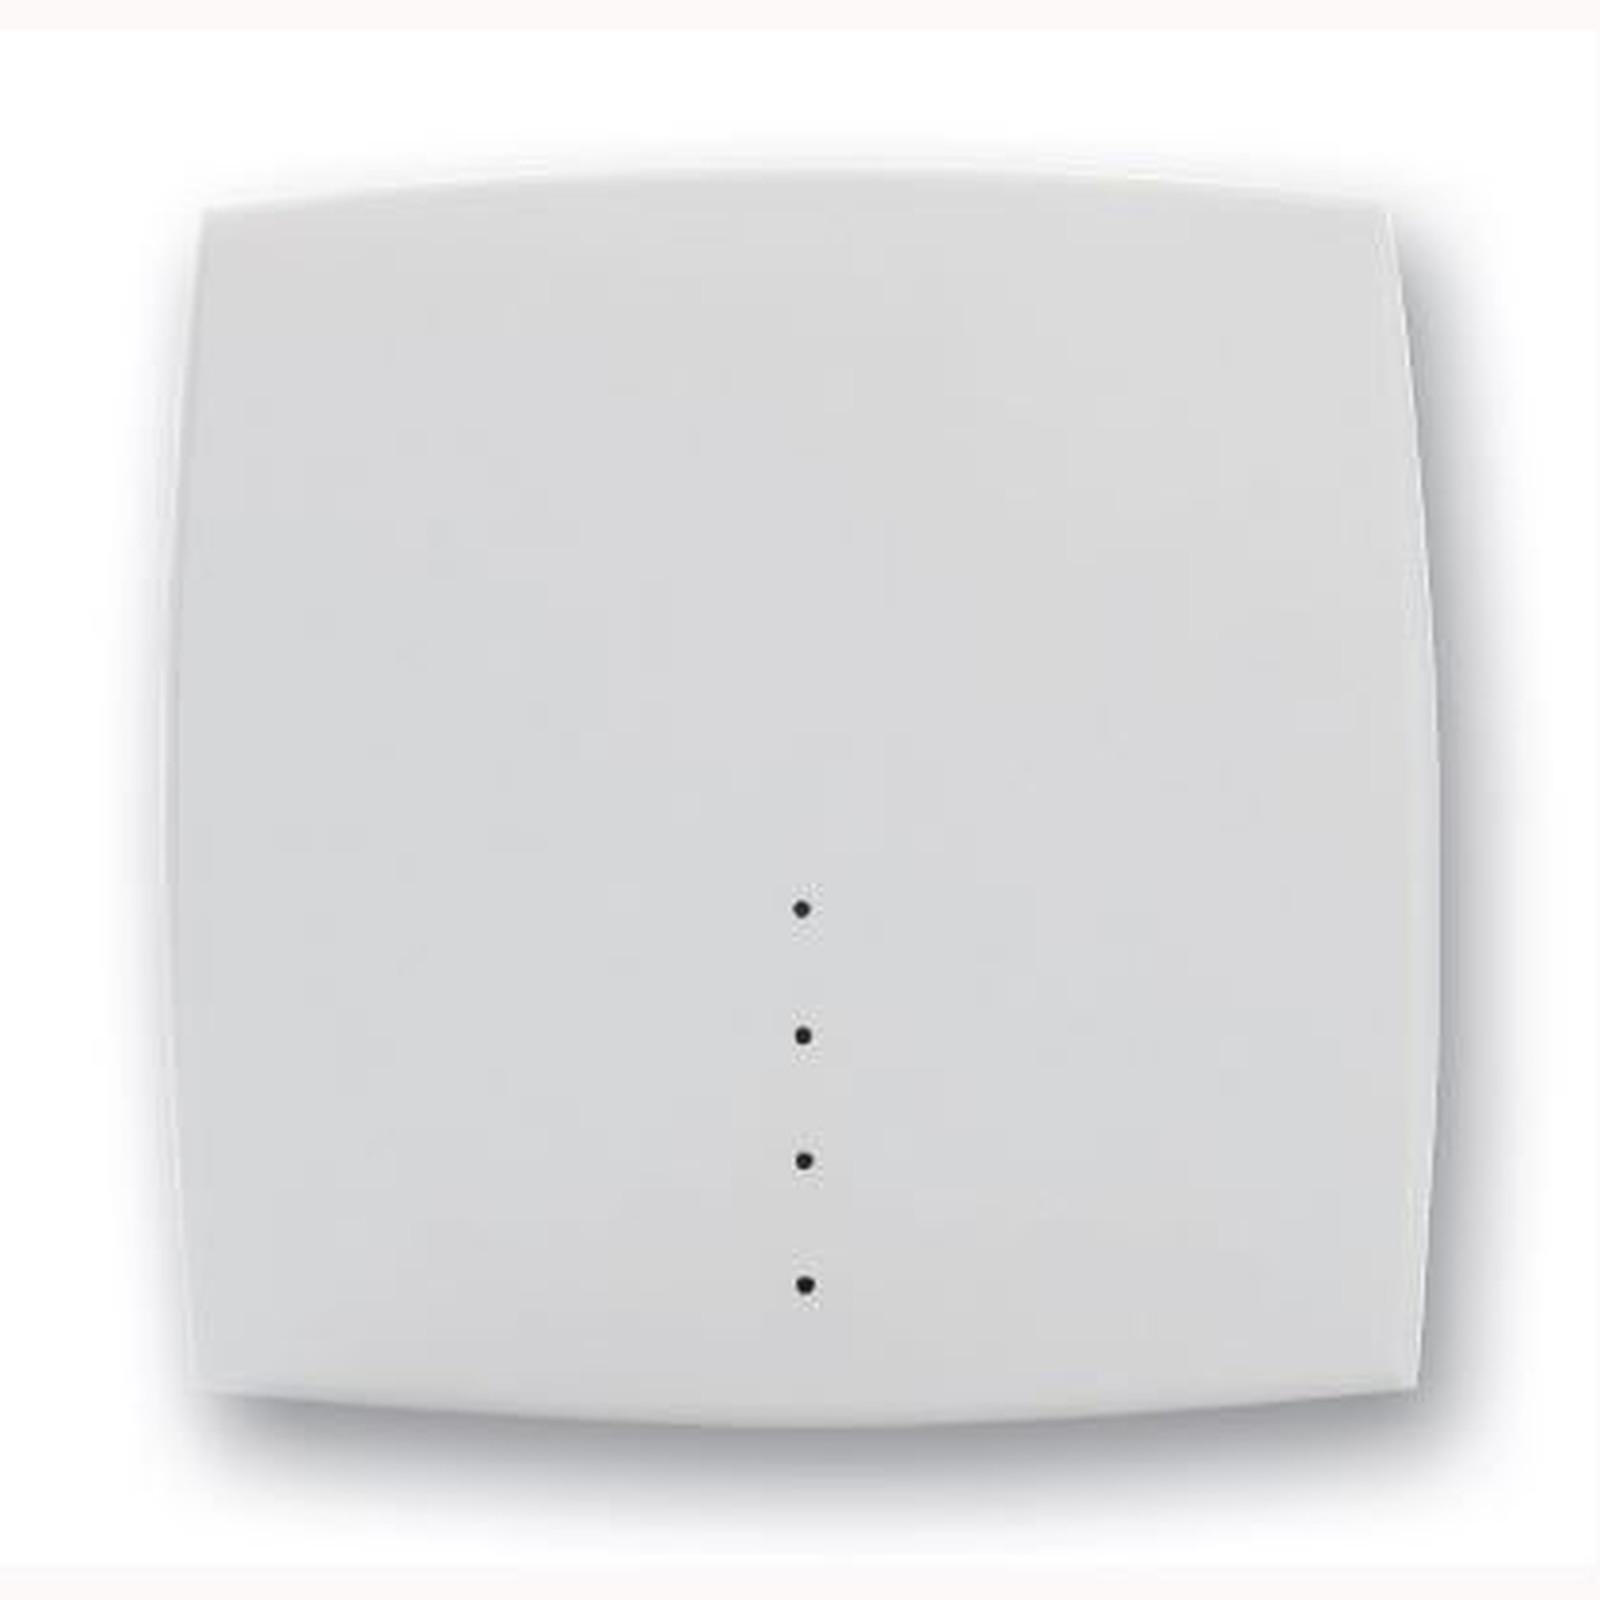 Mitel RFP 35 IP